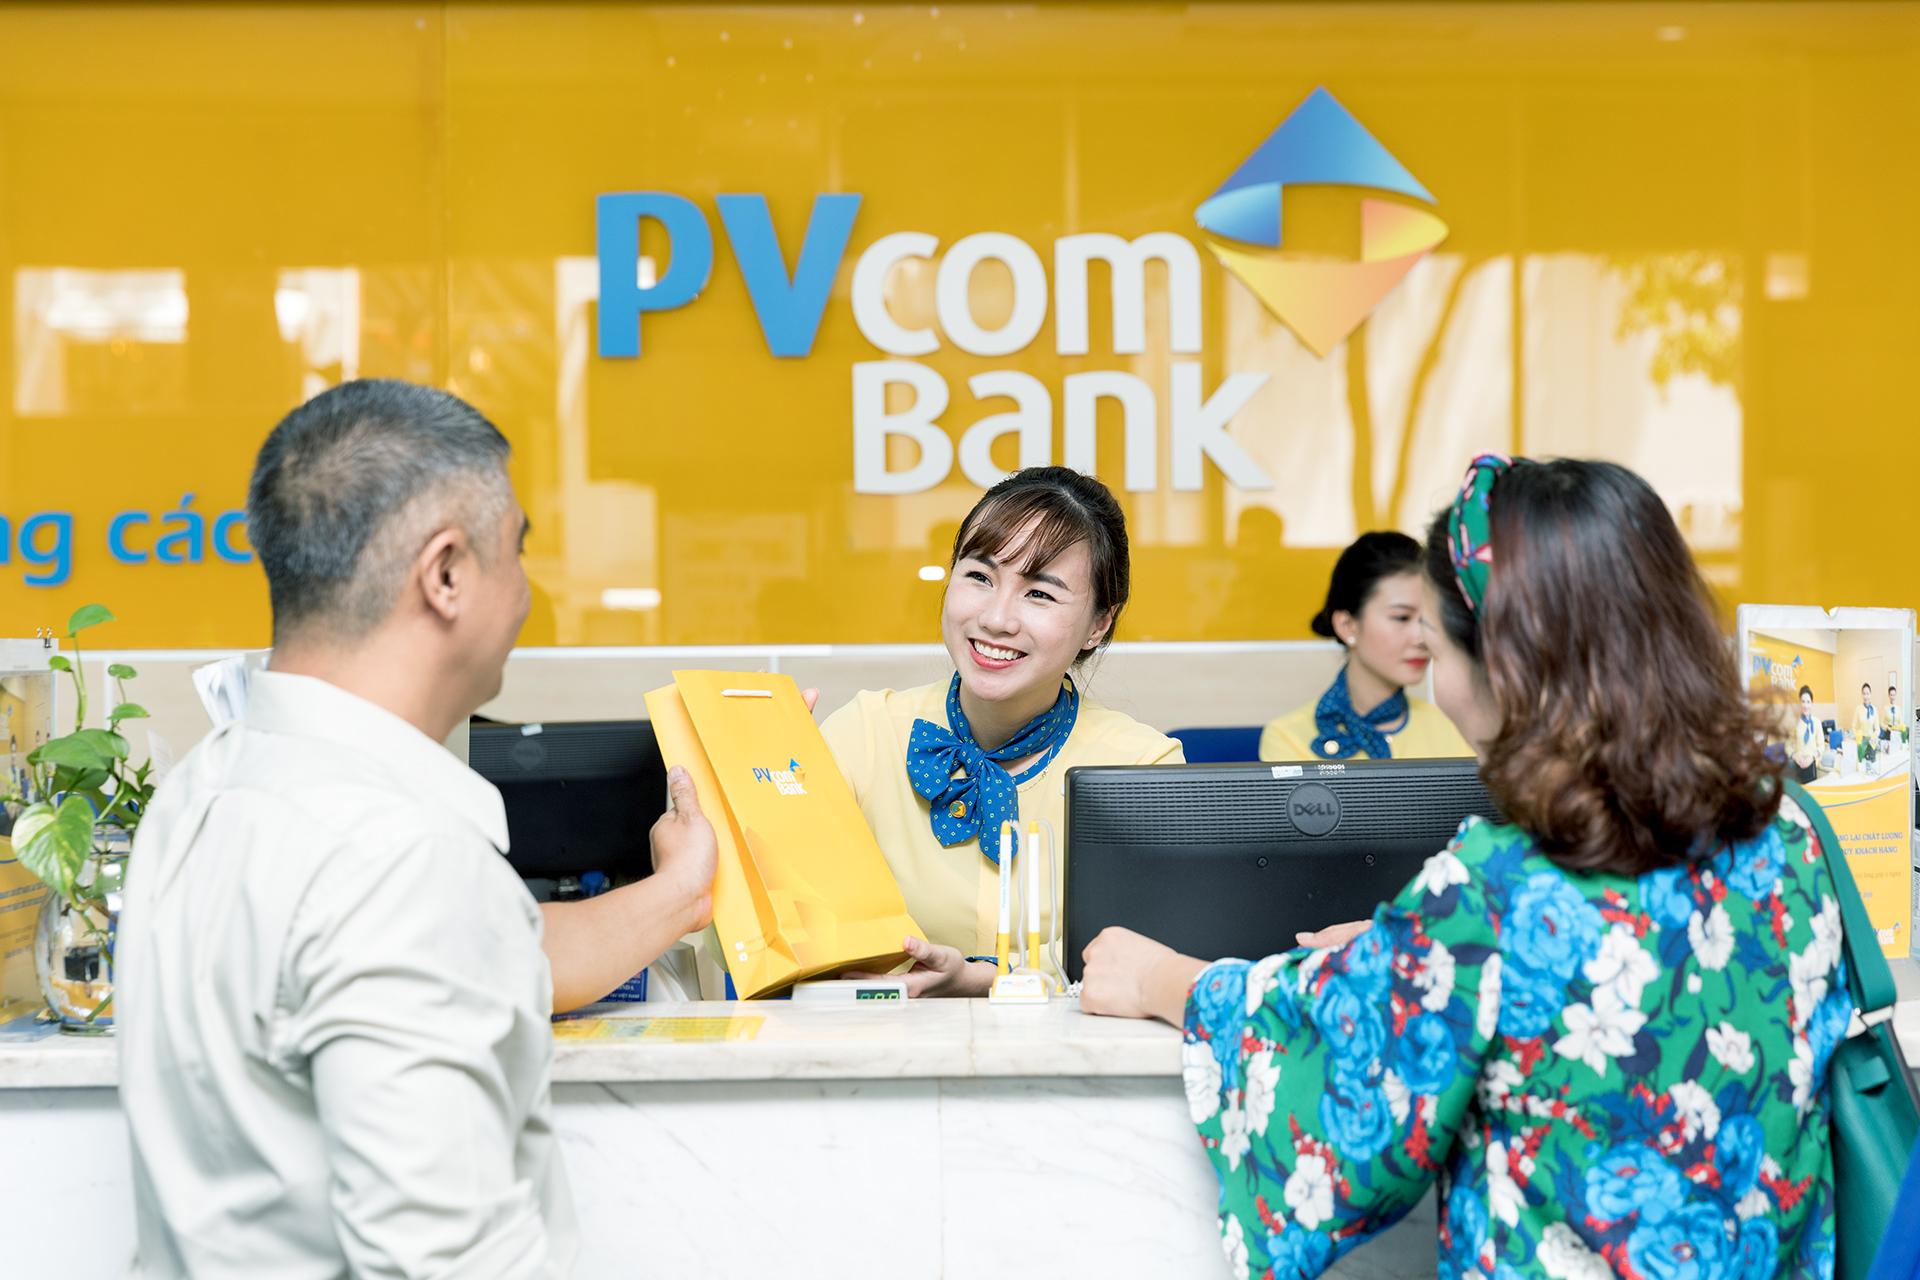 Lãi suất ngân hàng PVcombank cao nhất tháng 9 là 7,99%/năm - Ảnh 1.